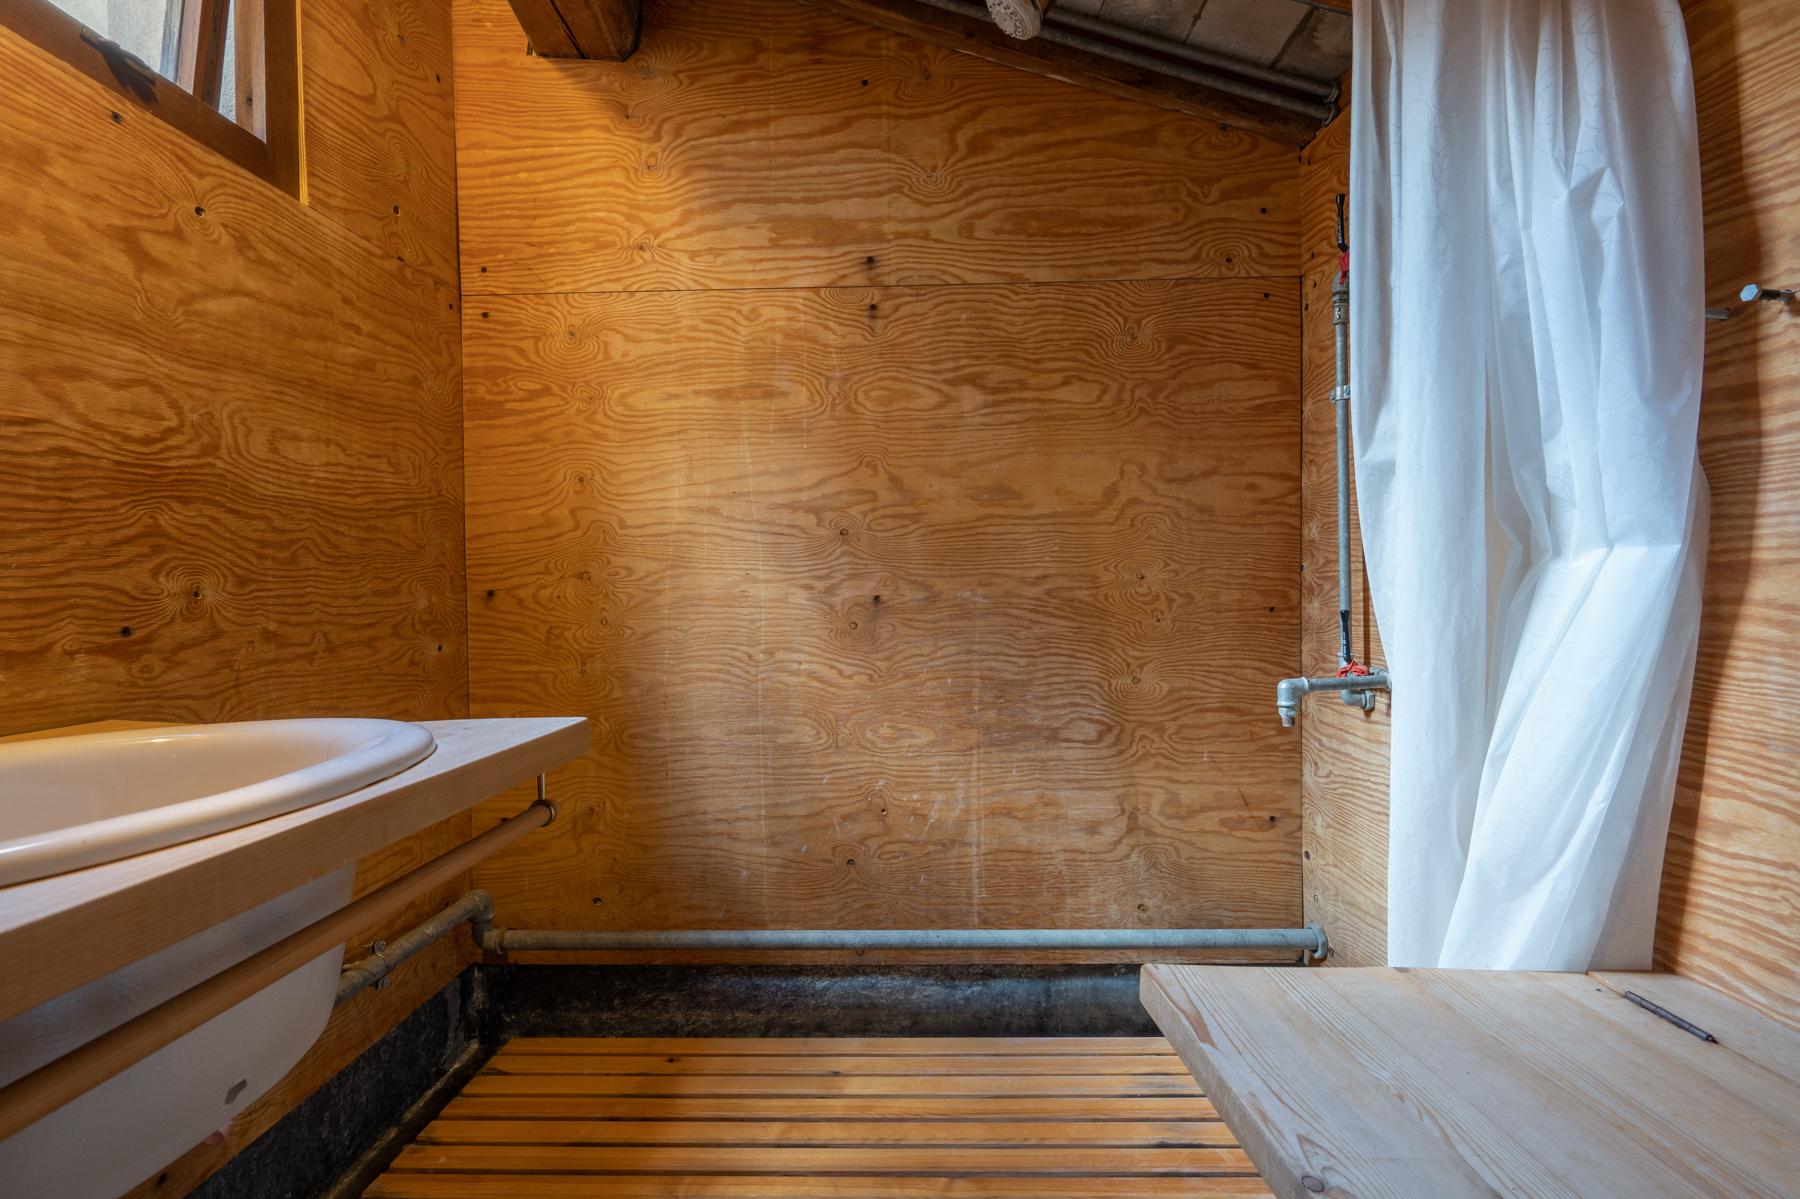 Appartamento in Vendita a Firenze: 4 locali, 120 mq - Foto 20